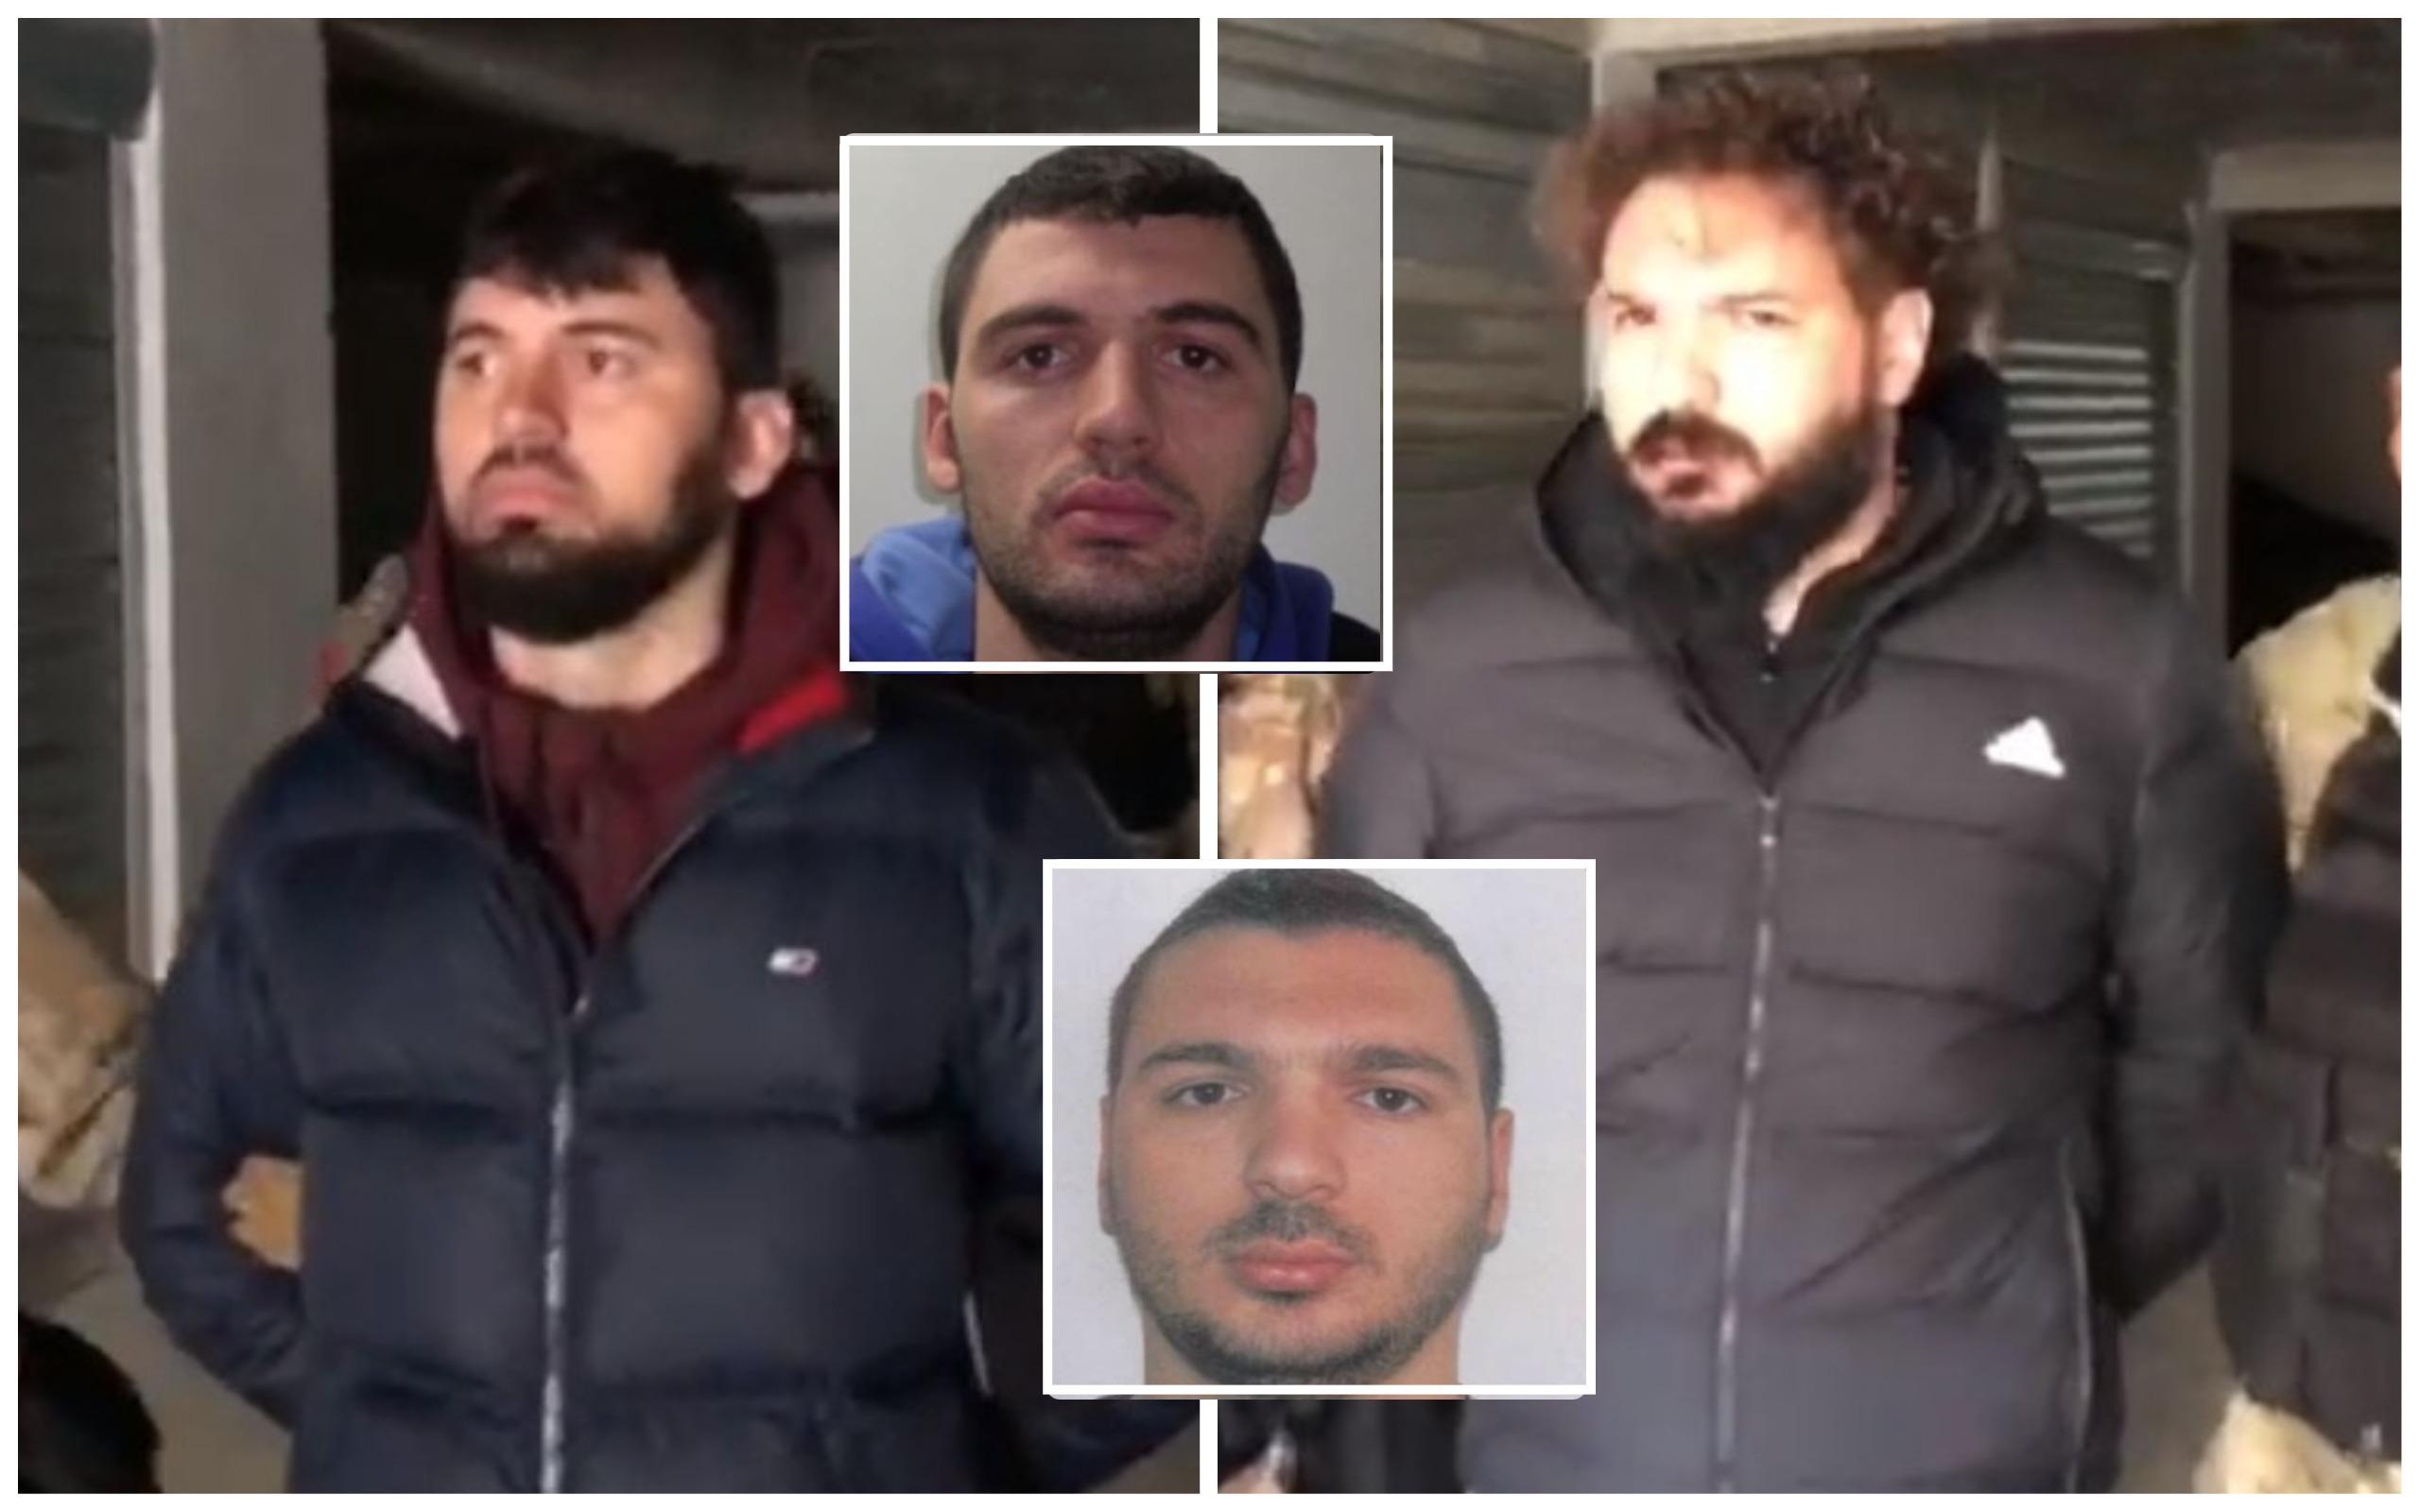 Nuk njihen fare, sa shumë kanë ndryshuar vëllezërit Çala pas grabitjes së bujshme në Rinas